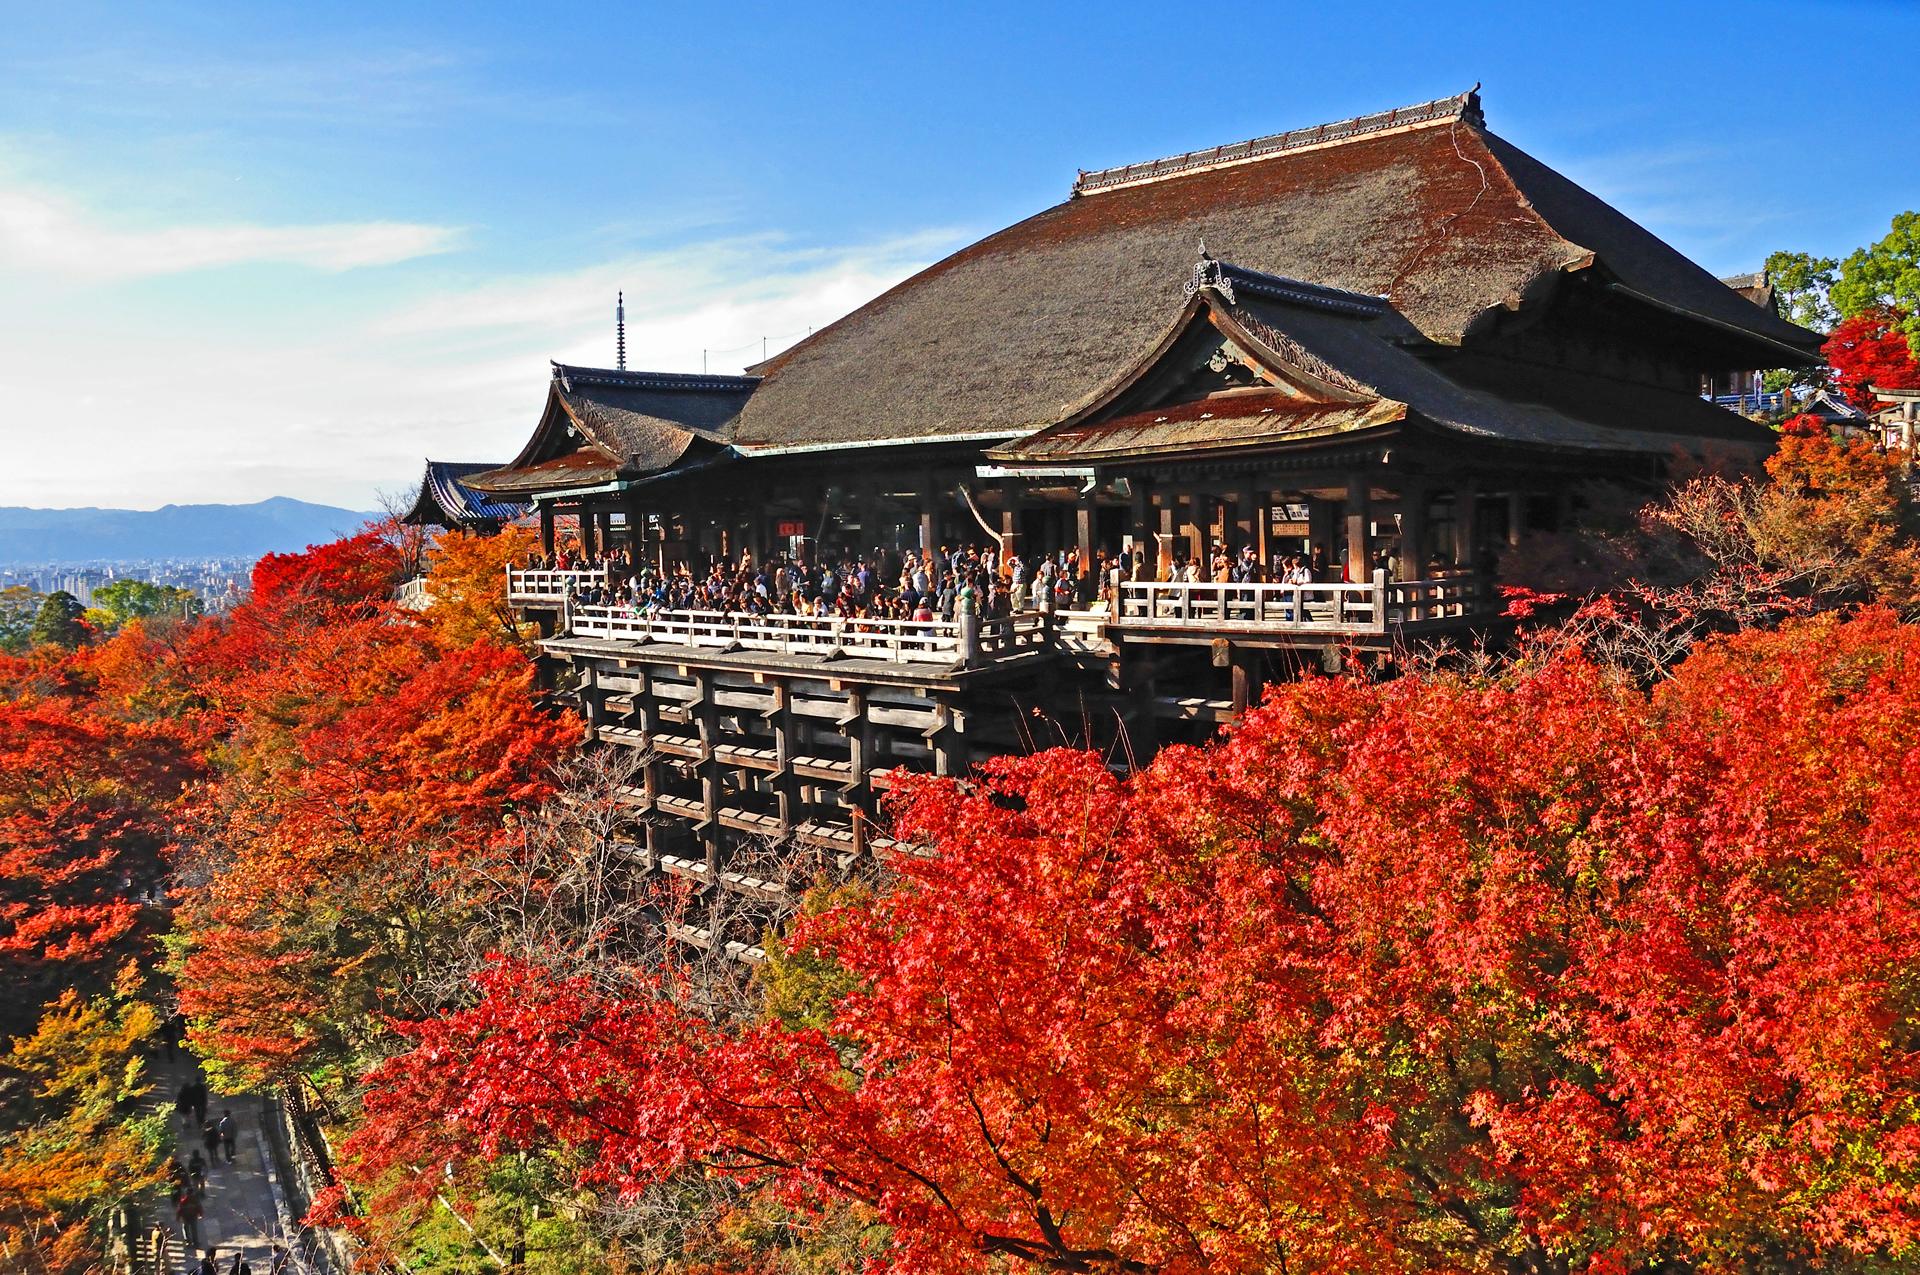 京都の寺ランキング31!パワースポットやおすすめの観光名所も